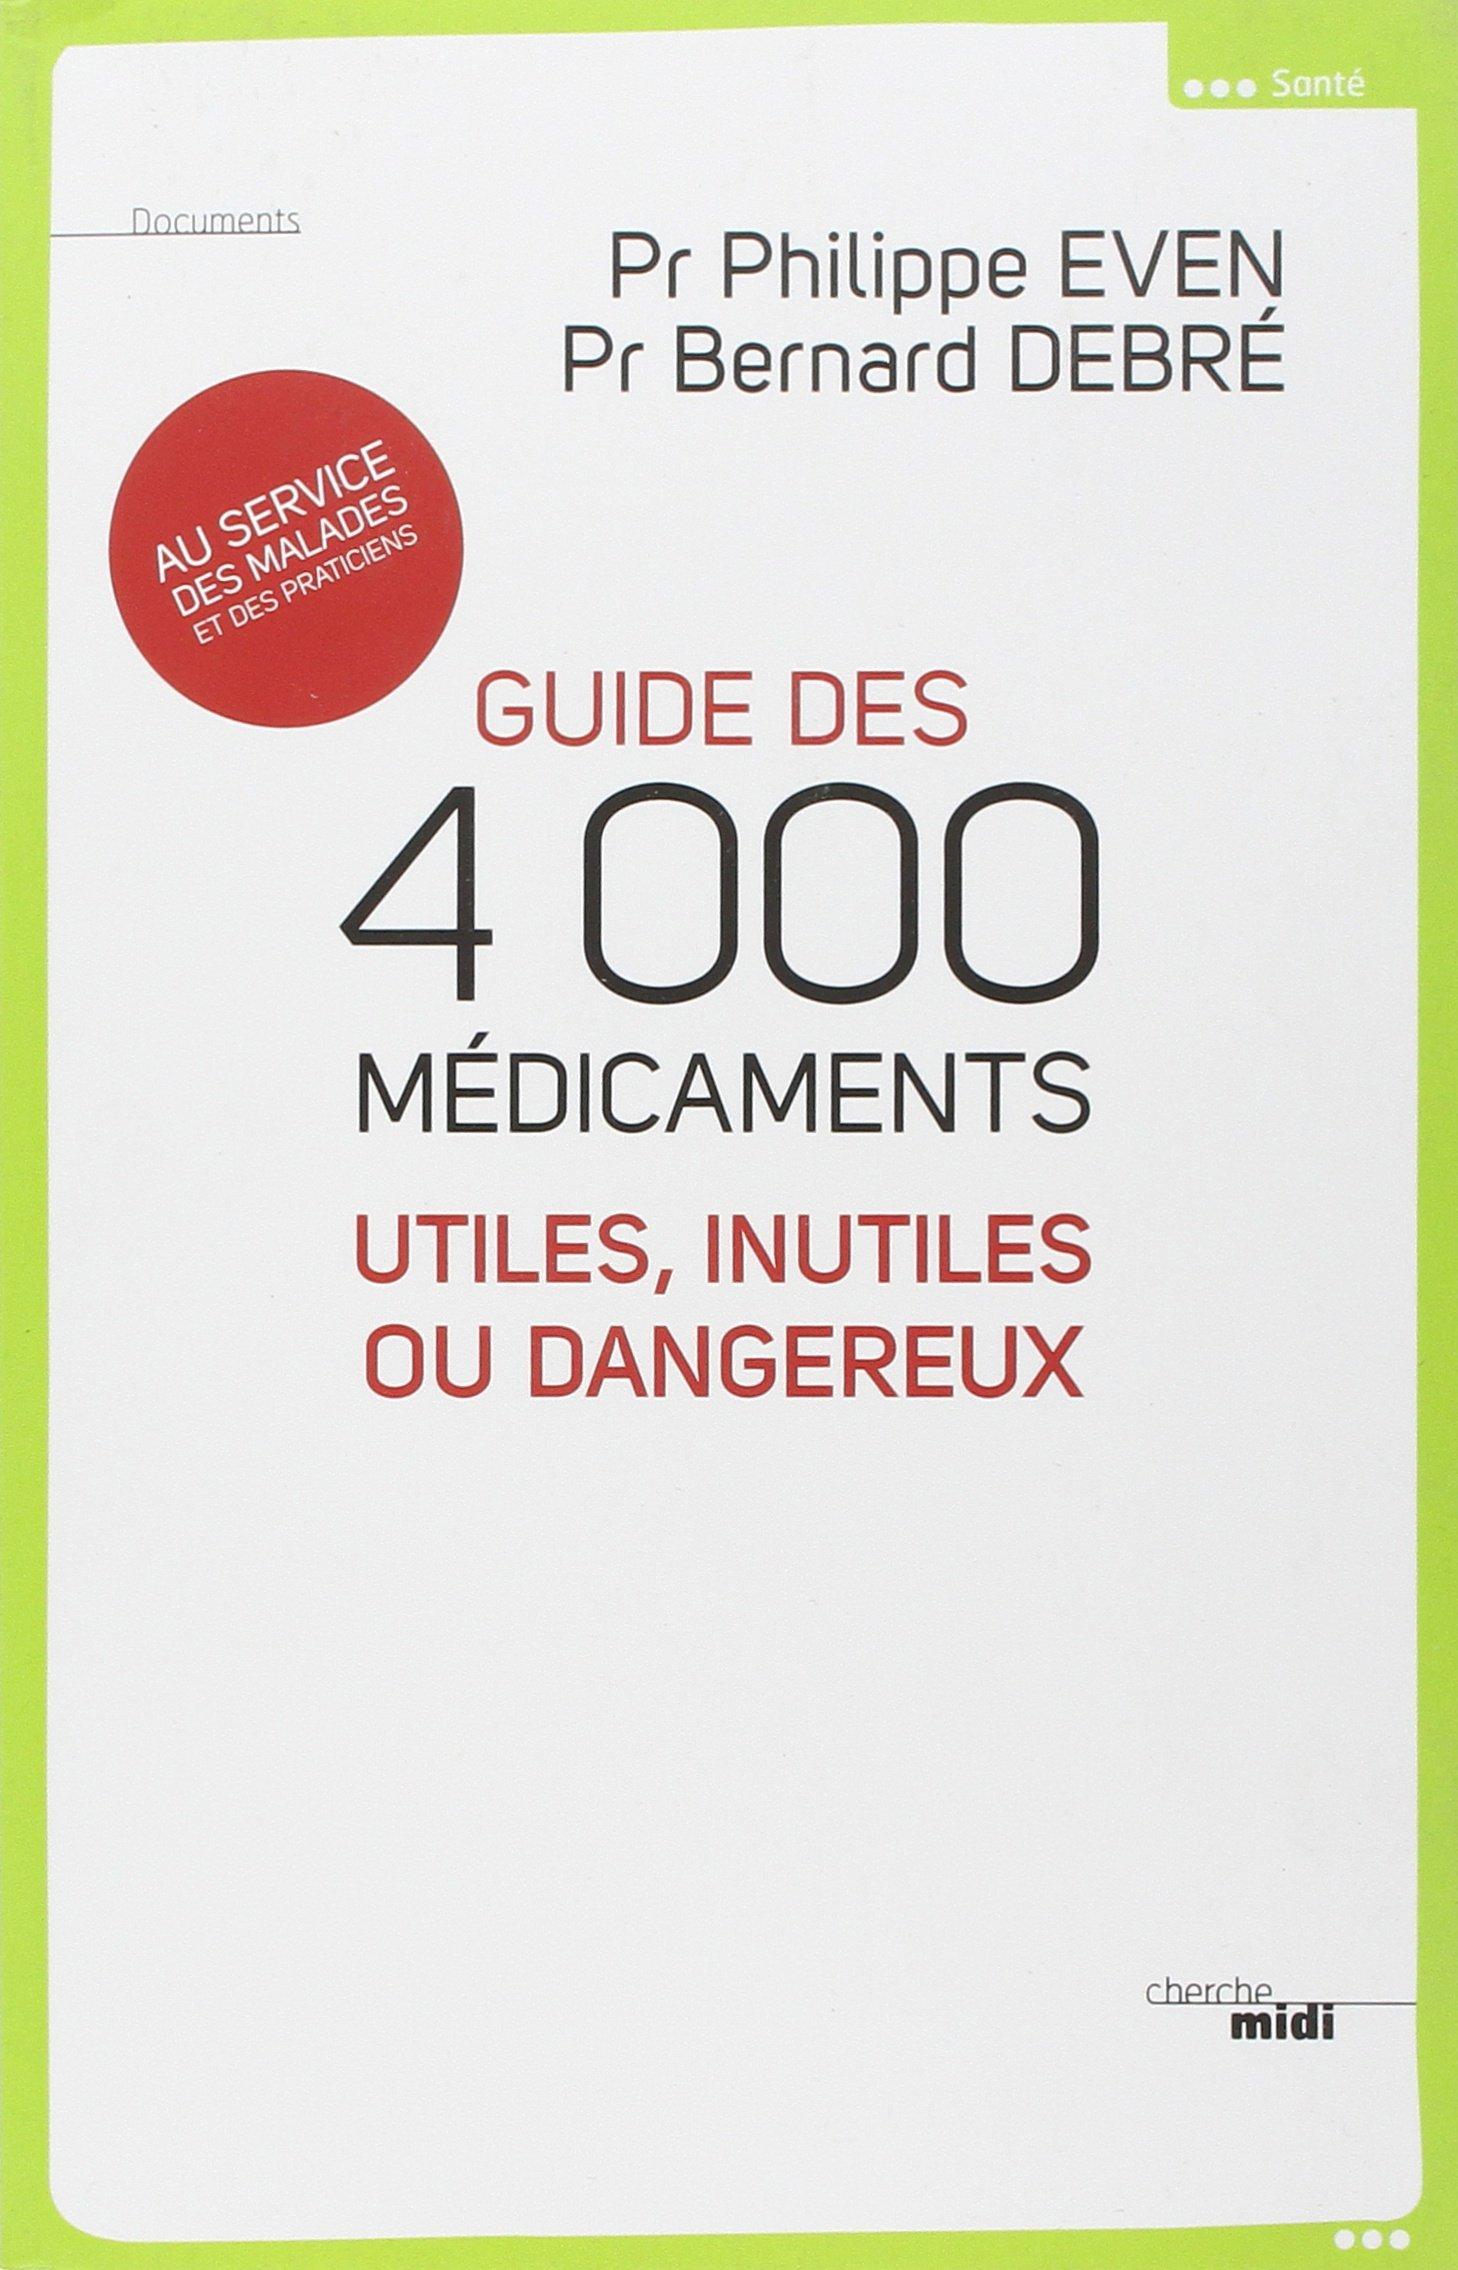 Guide des 4000 médicaments : utiles unitiles ou dangereuse